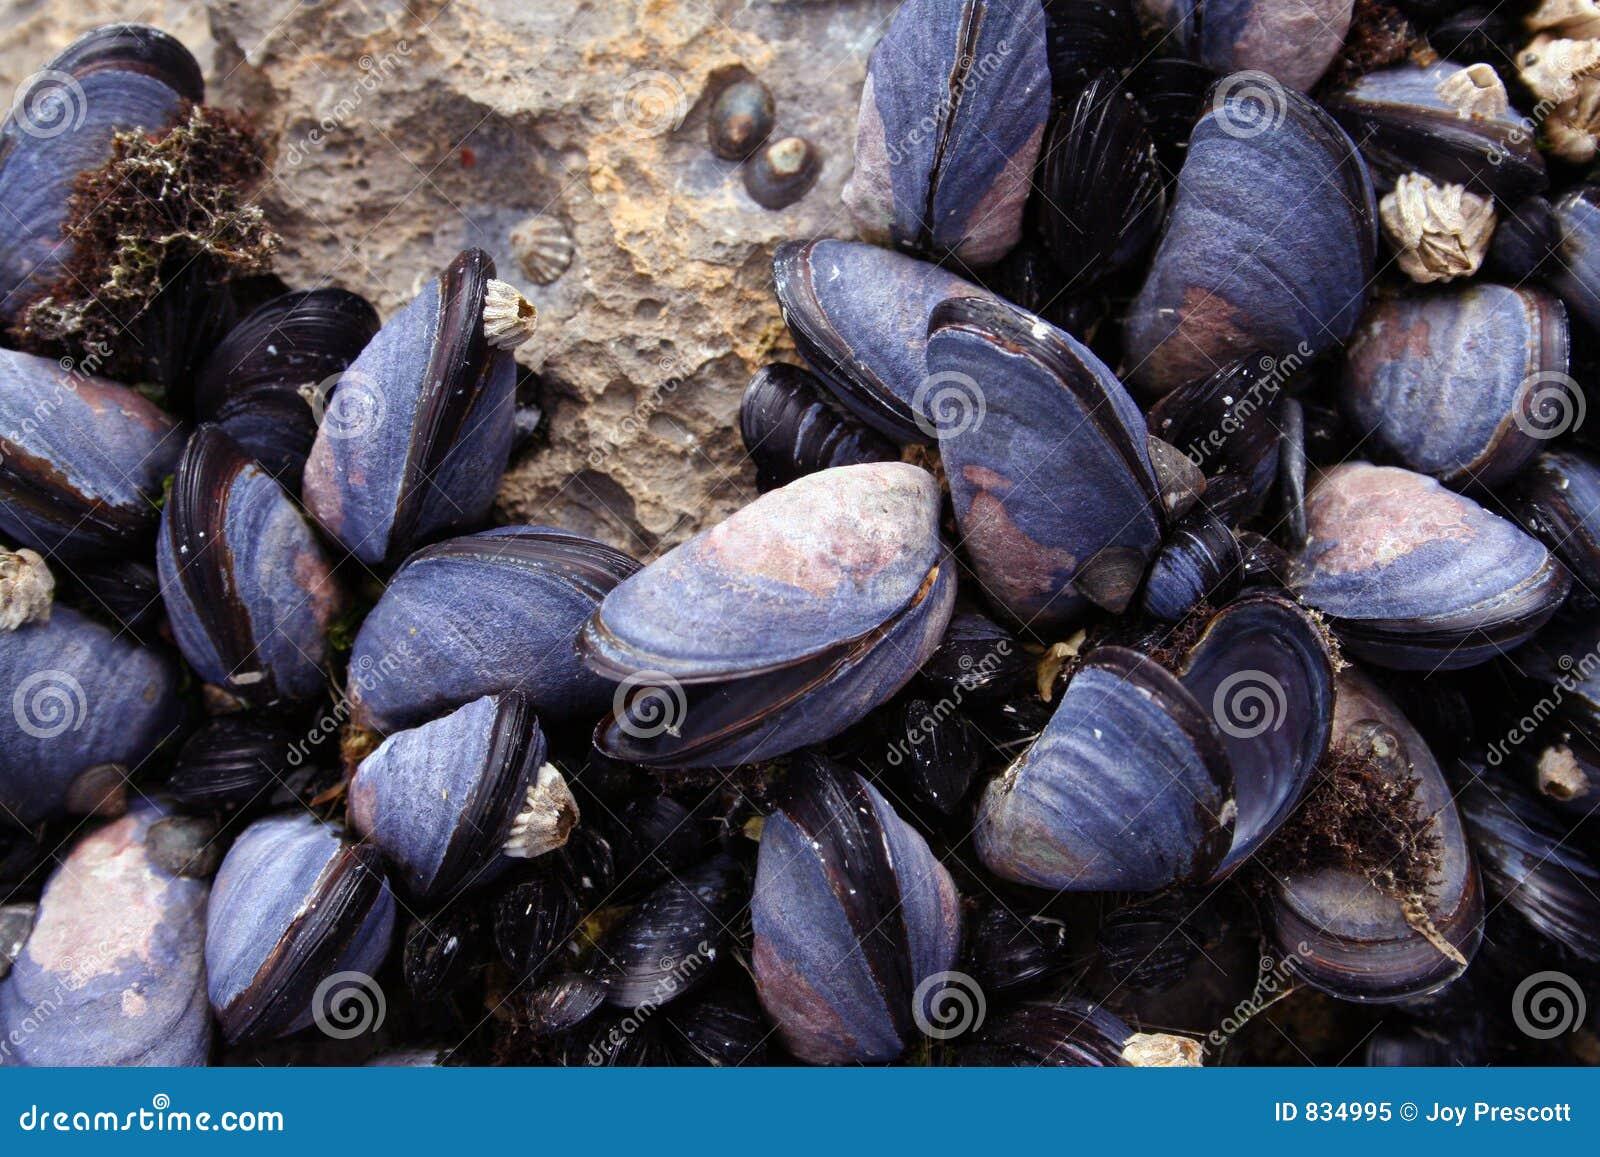 Mussels Closeup